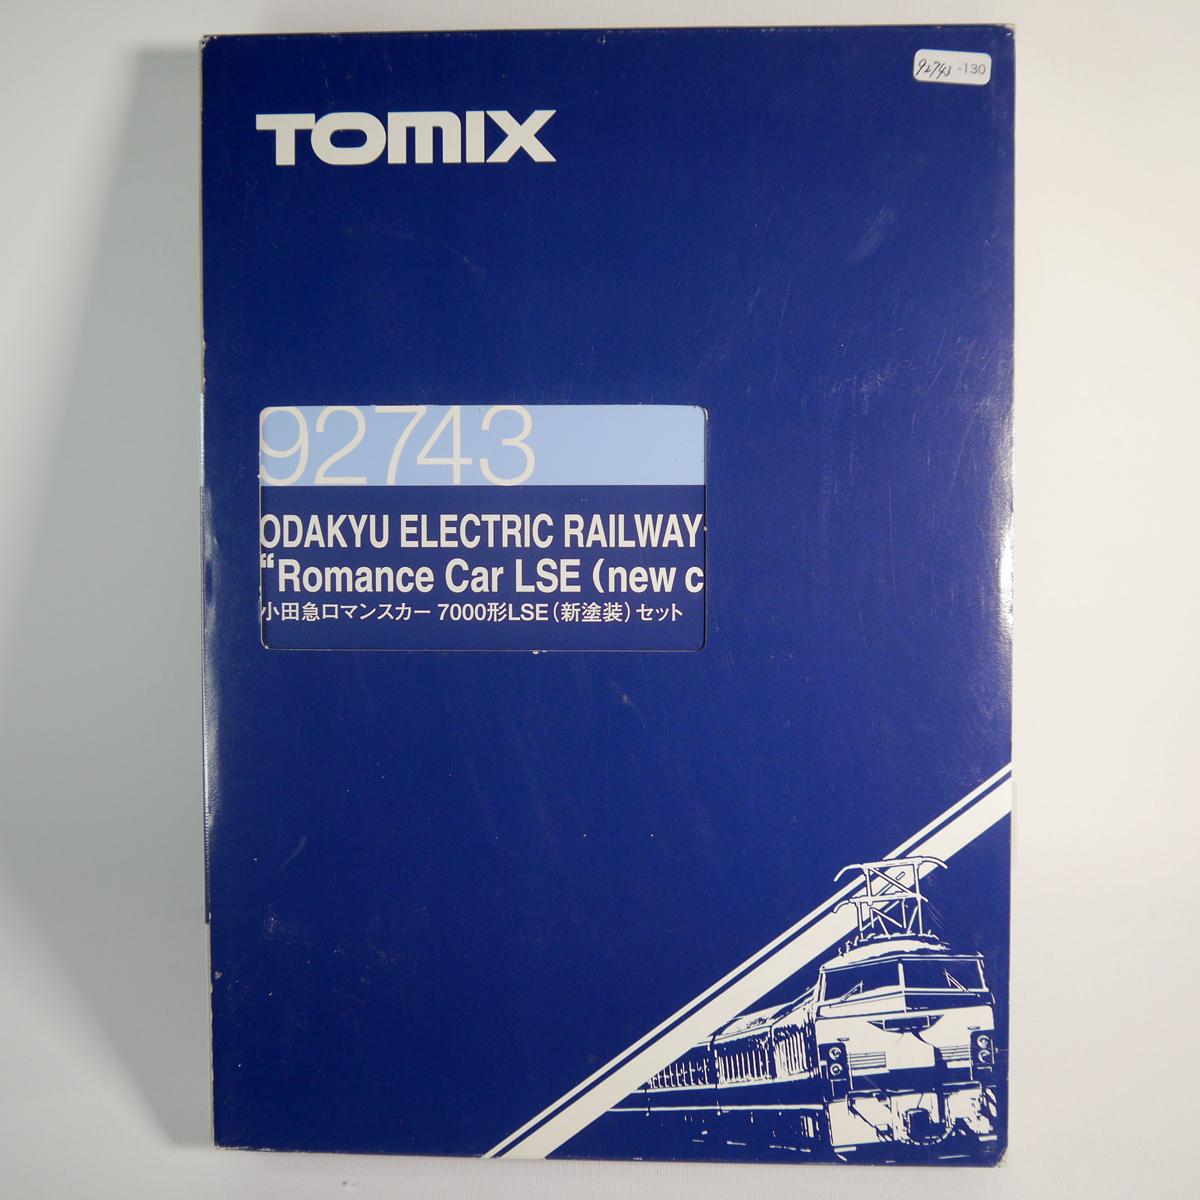 鉄道模型 Nゲージ TOMIX トミックス 92743 7000形LSE 小田急ロマンスカー 新塗装 11両セット 説明書付_画像2